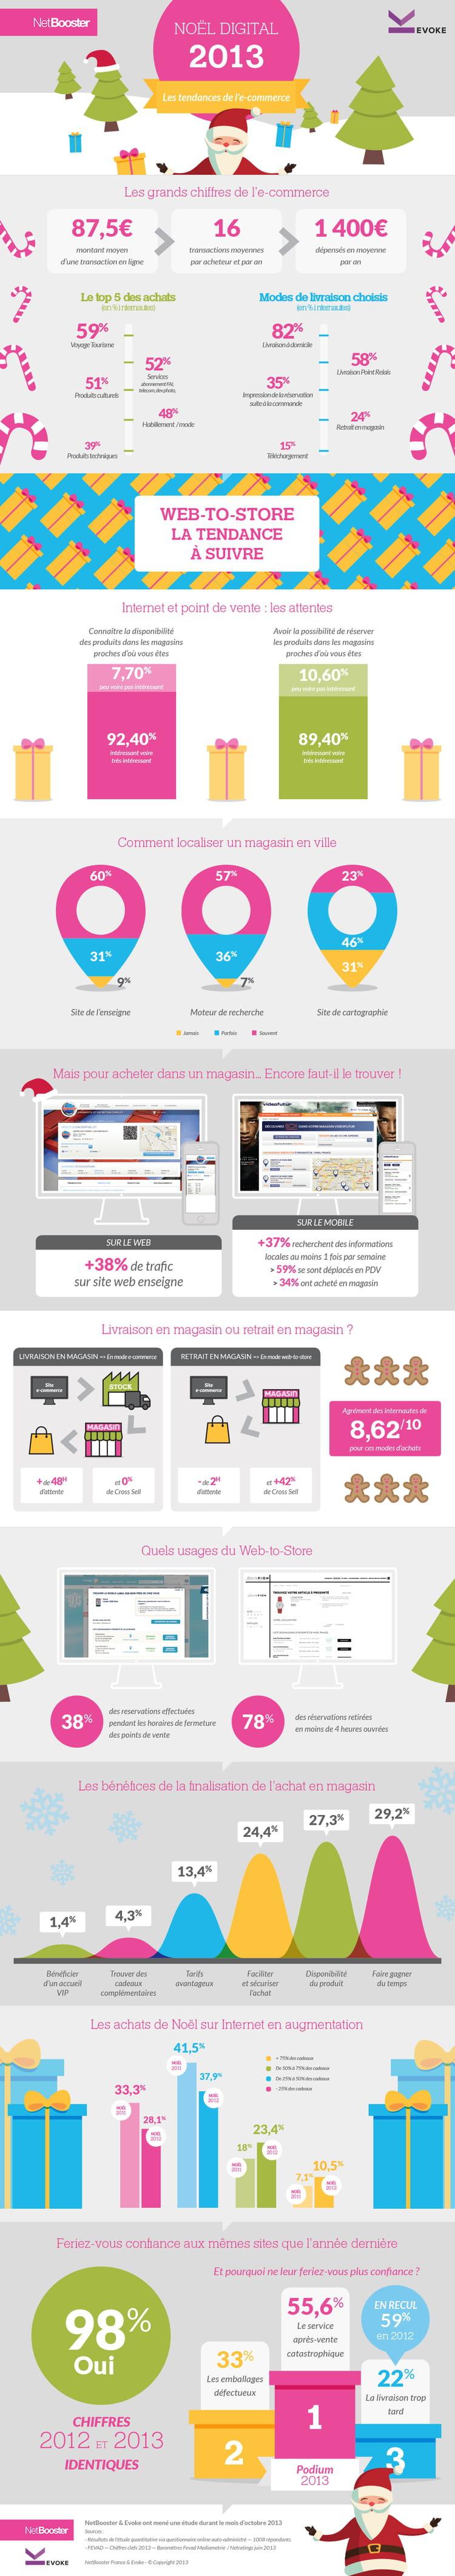 infographie nb noeldigital2013 v4